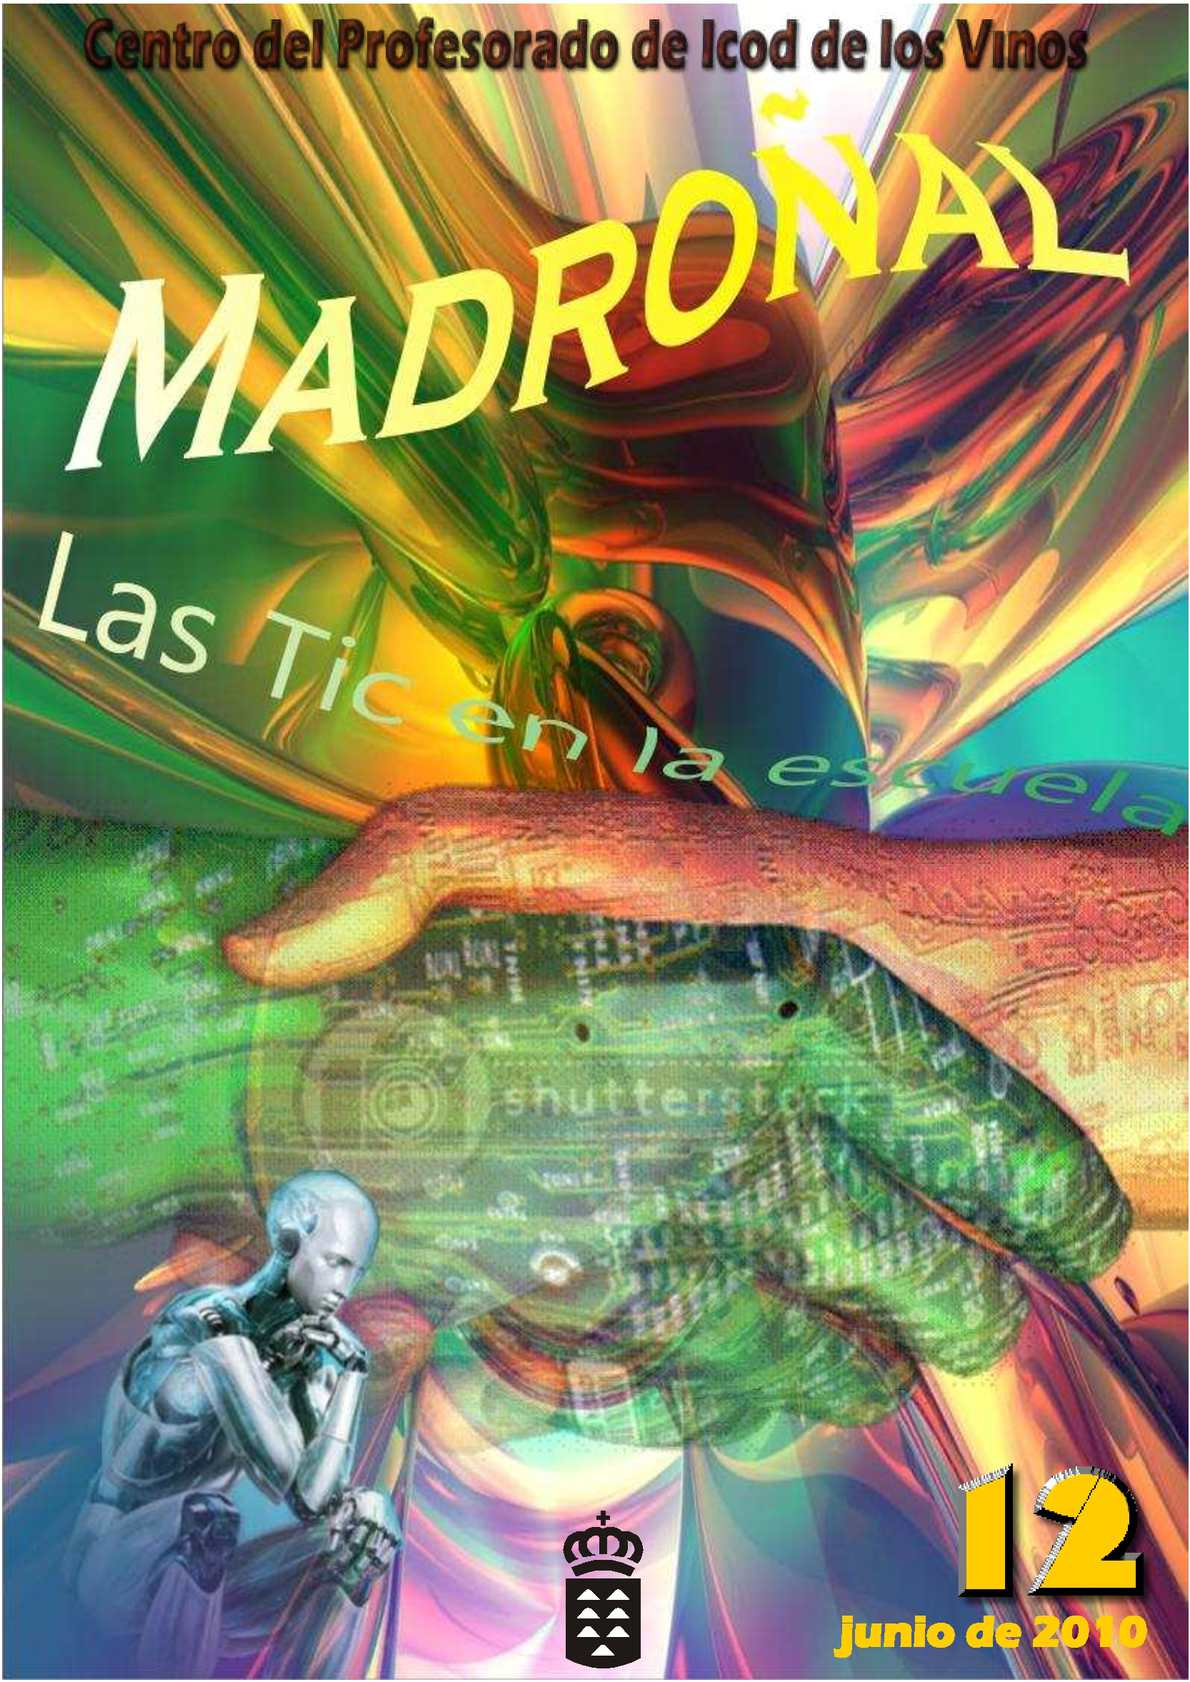 Calaméo - Madroñal 12 2b05f58d2d0